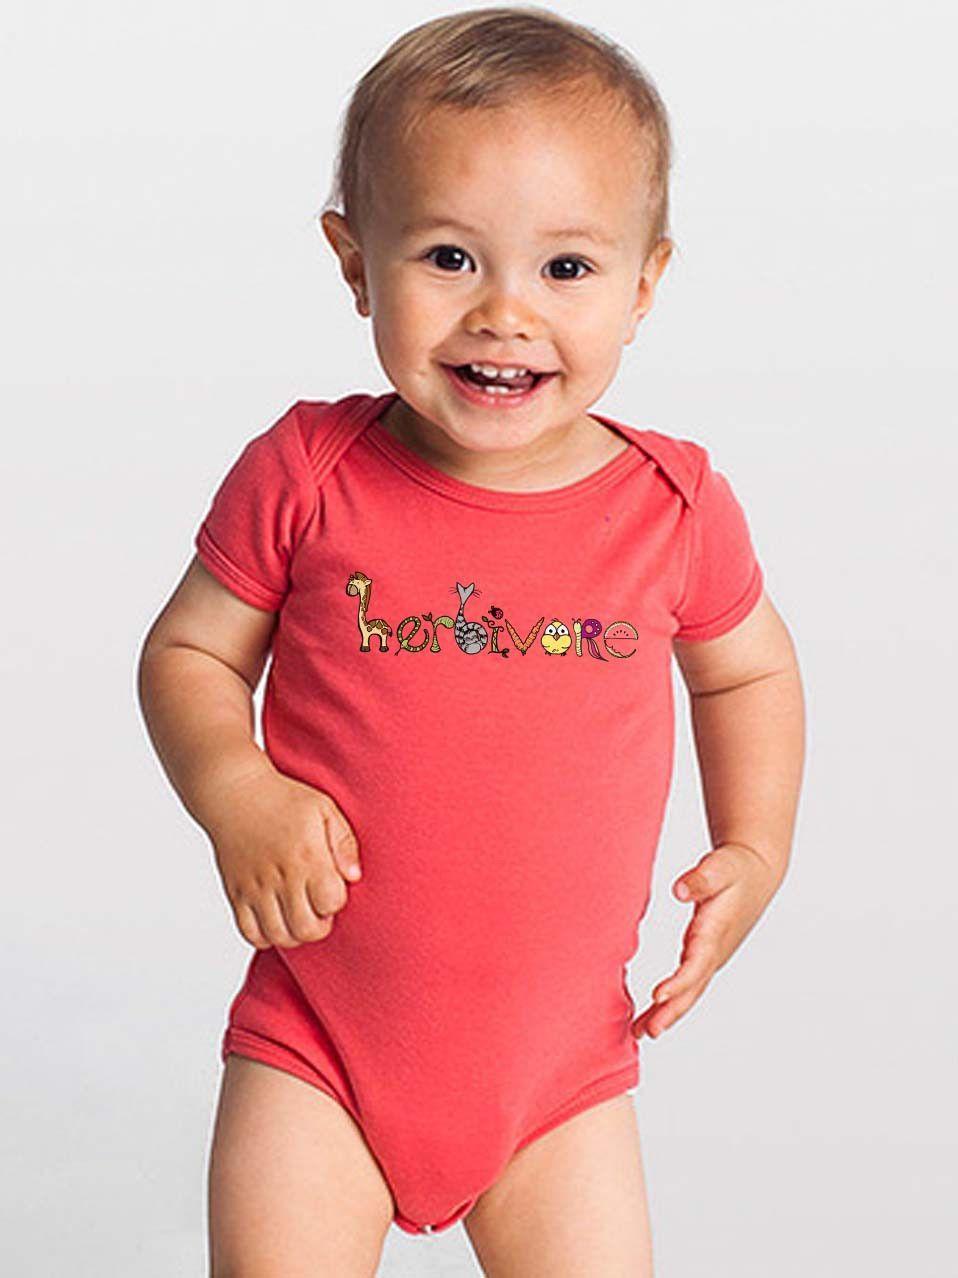 Herbivore ORGANIC Baby Onesie